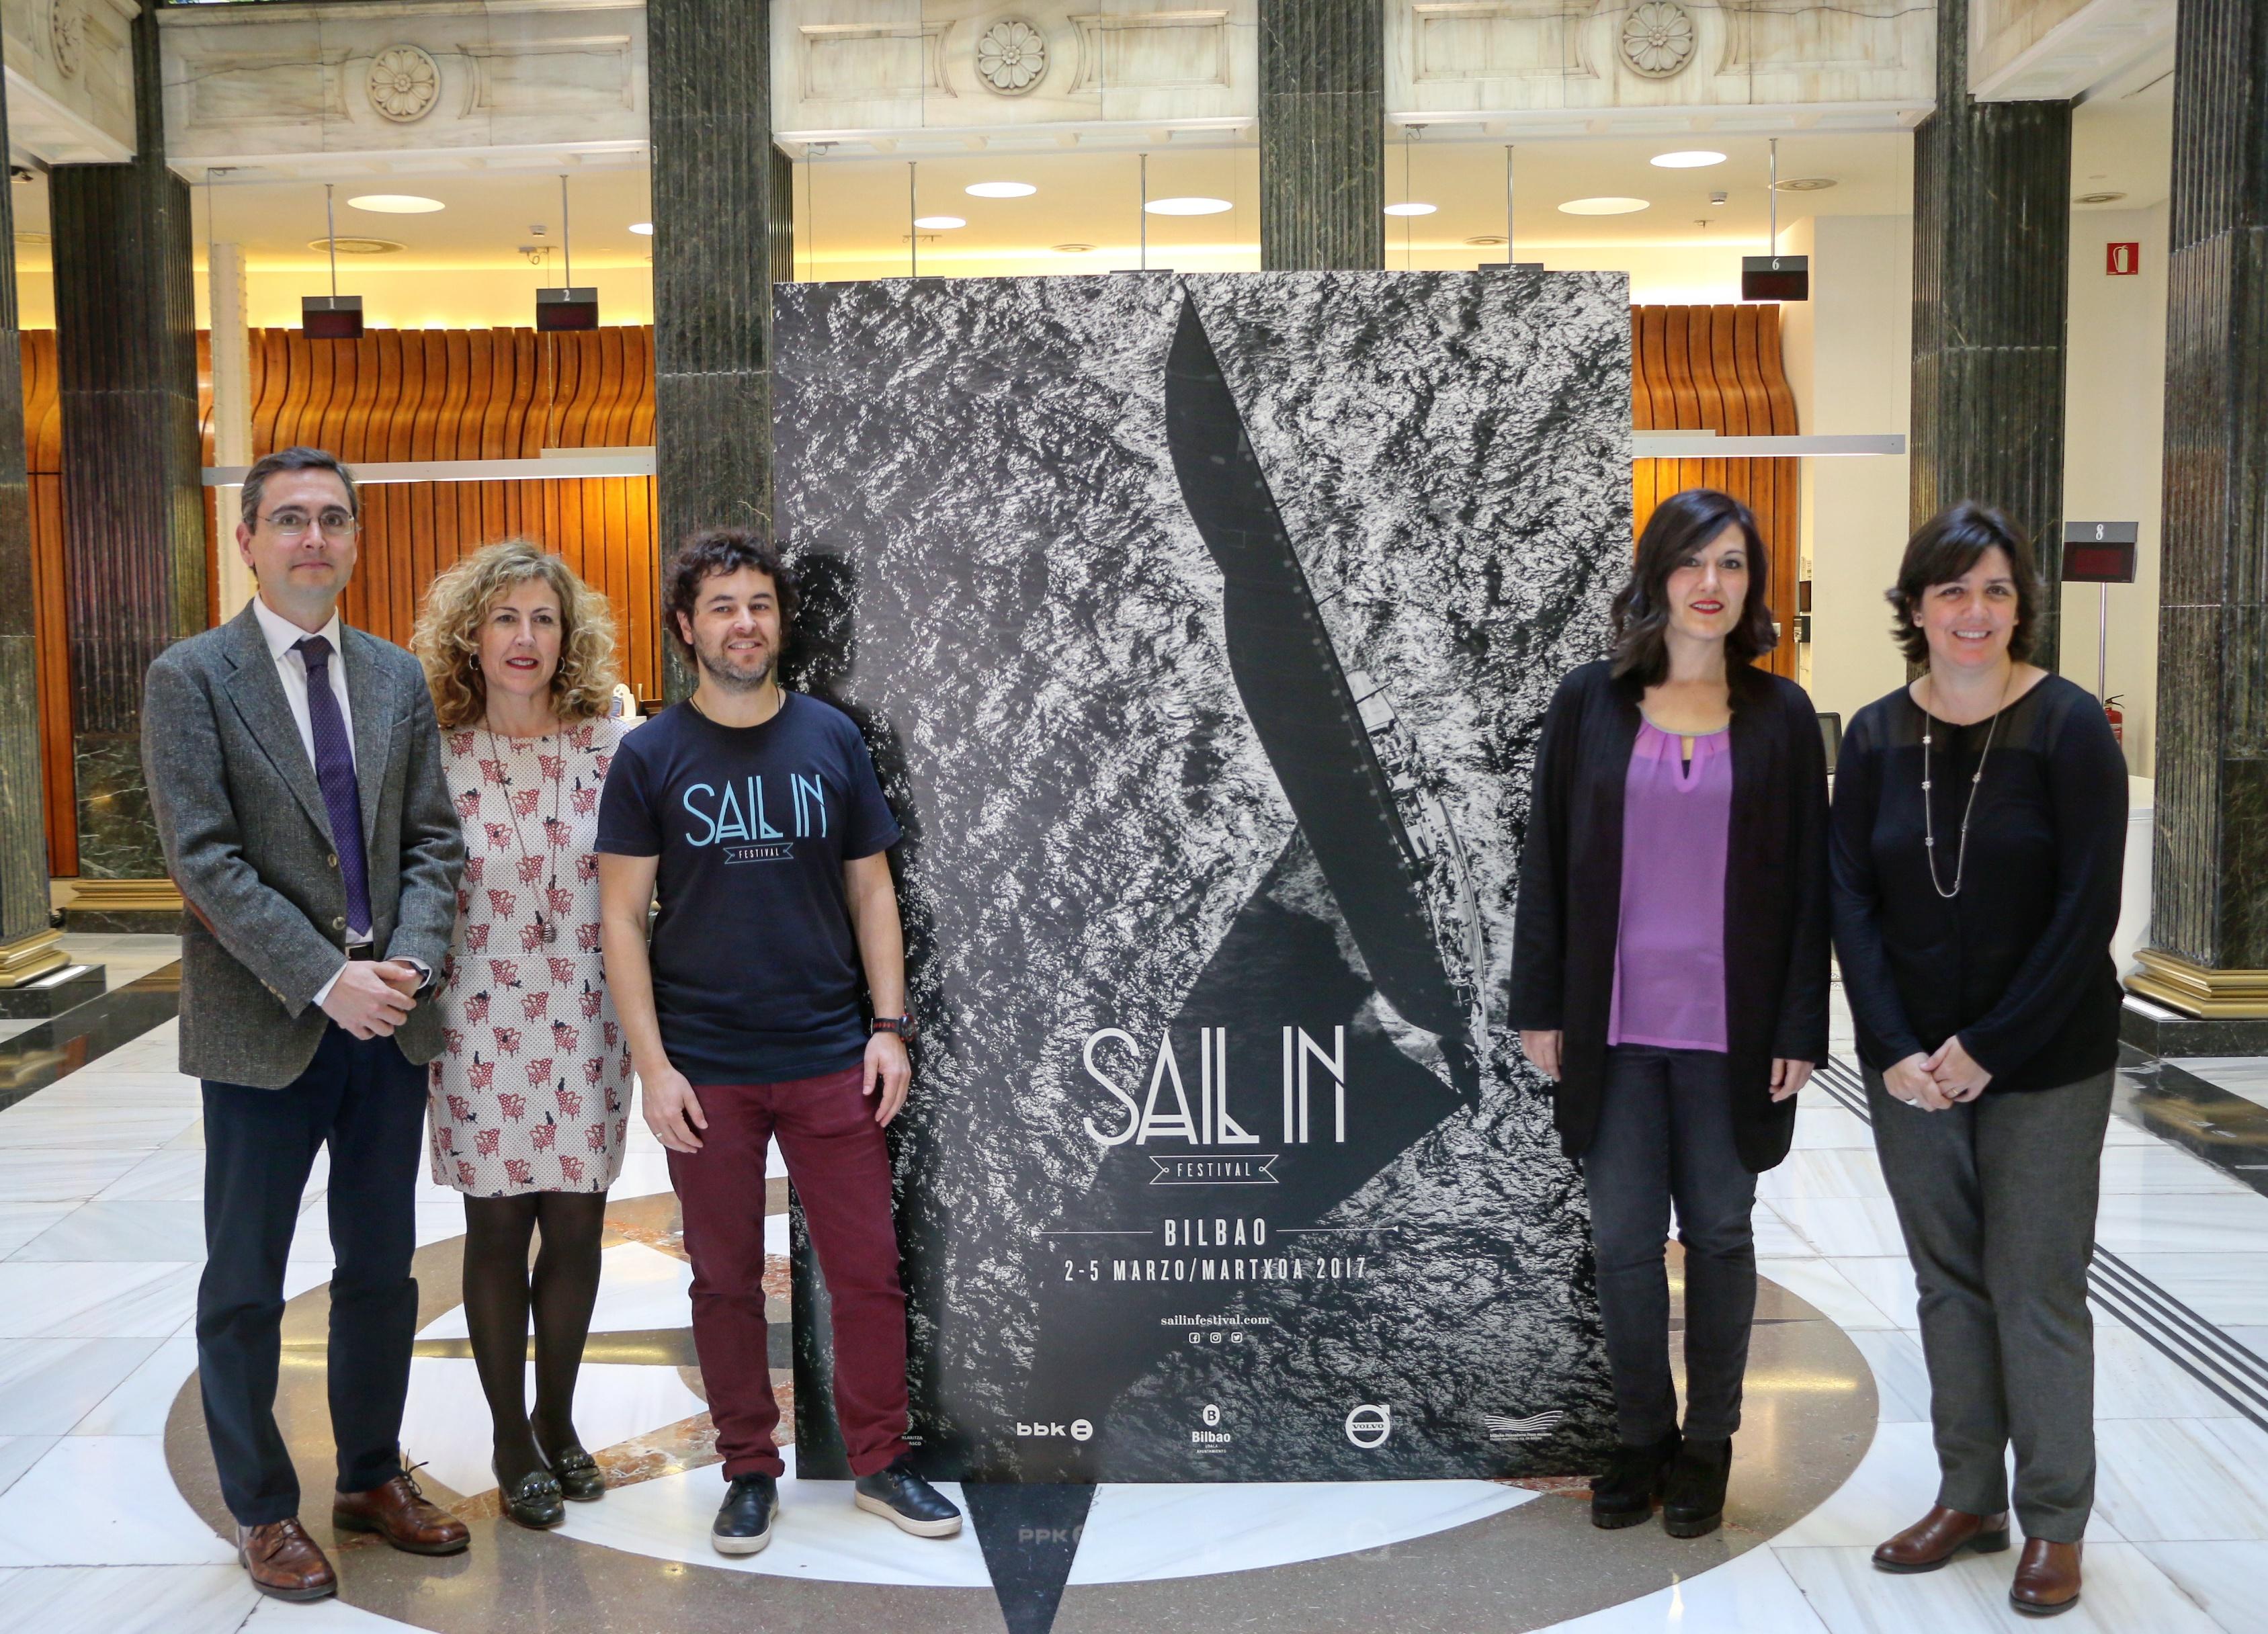 Euskadi se convertirá de nuevo en el epicentro mundial de la vela con la celebración de la cuarta edición del SAIL in Festival